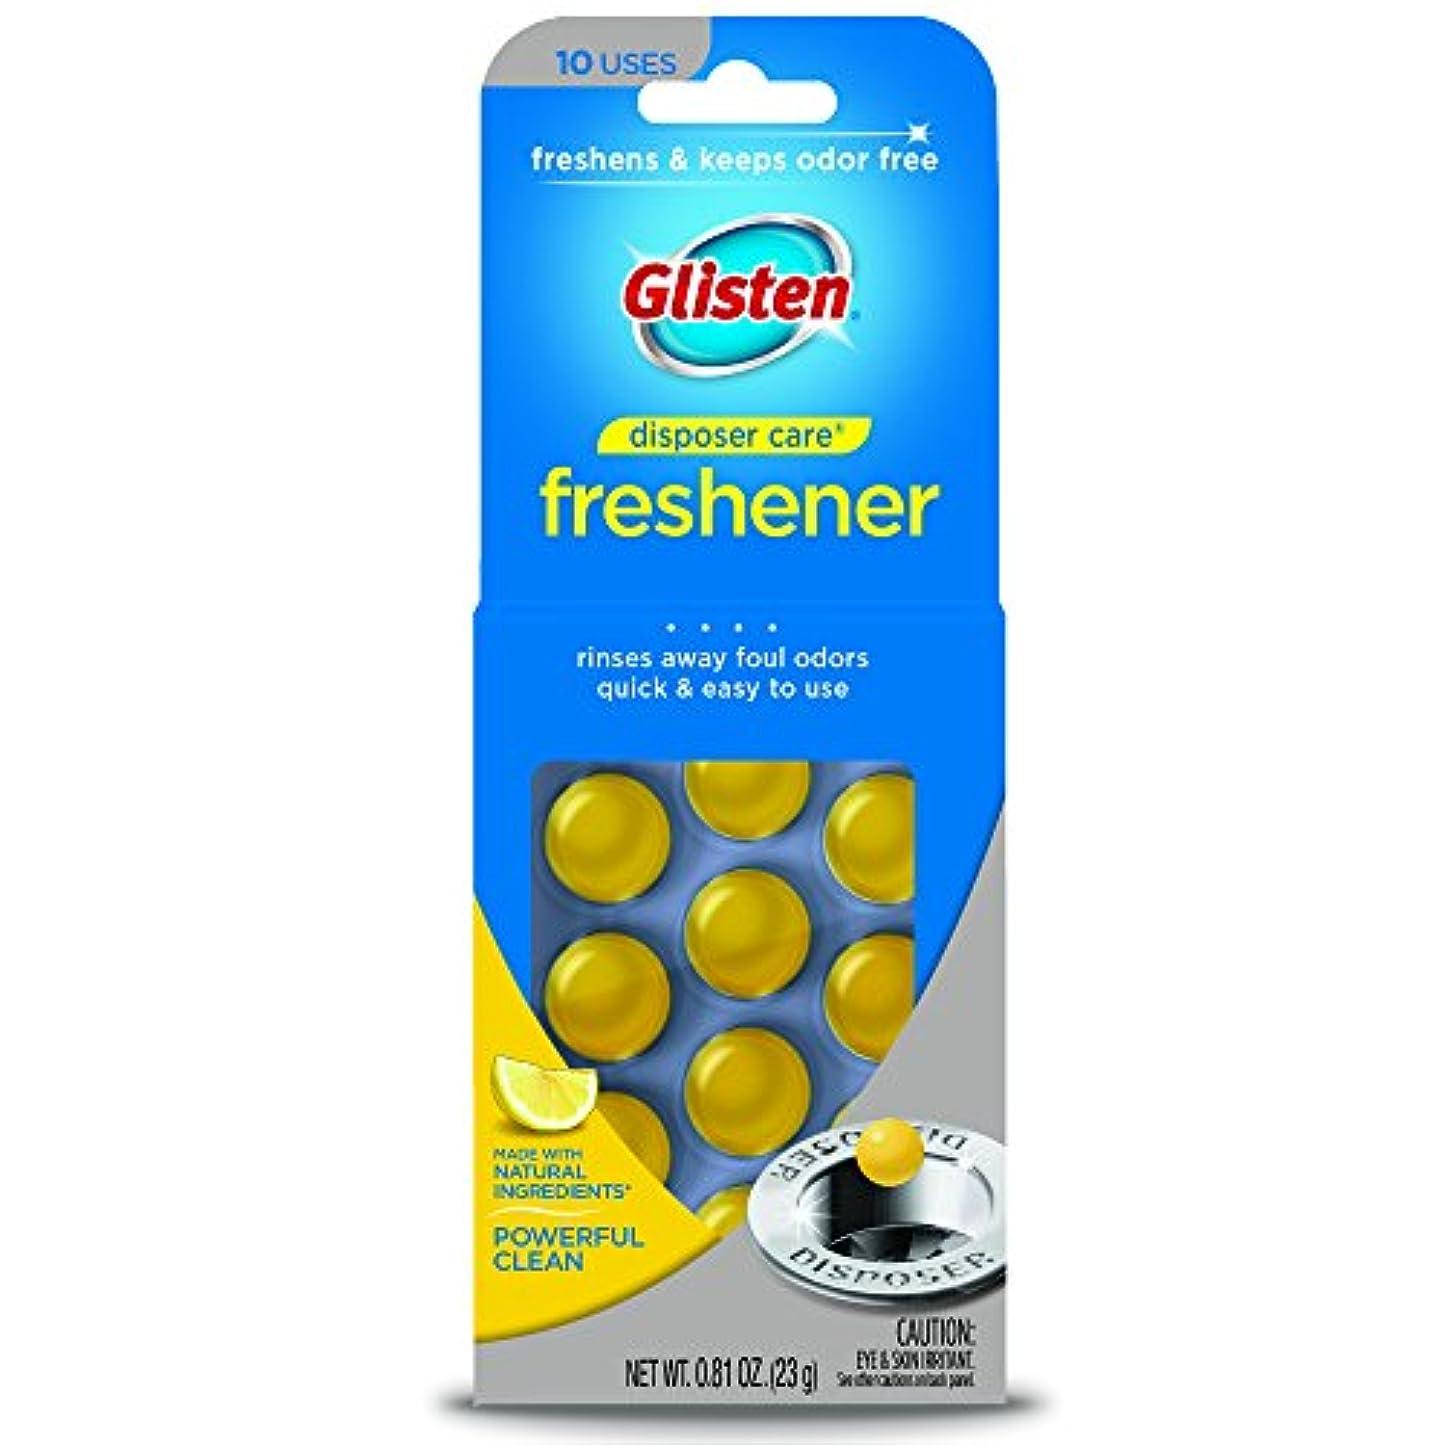 お手伝いさん揺れる流行している【ディスポーザルケアー】Glisten disposer care  海外直送品